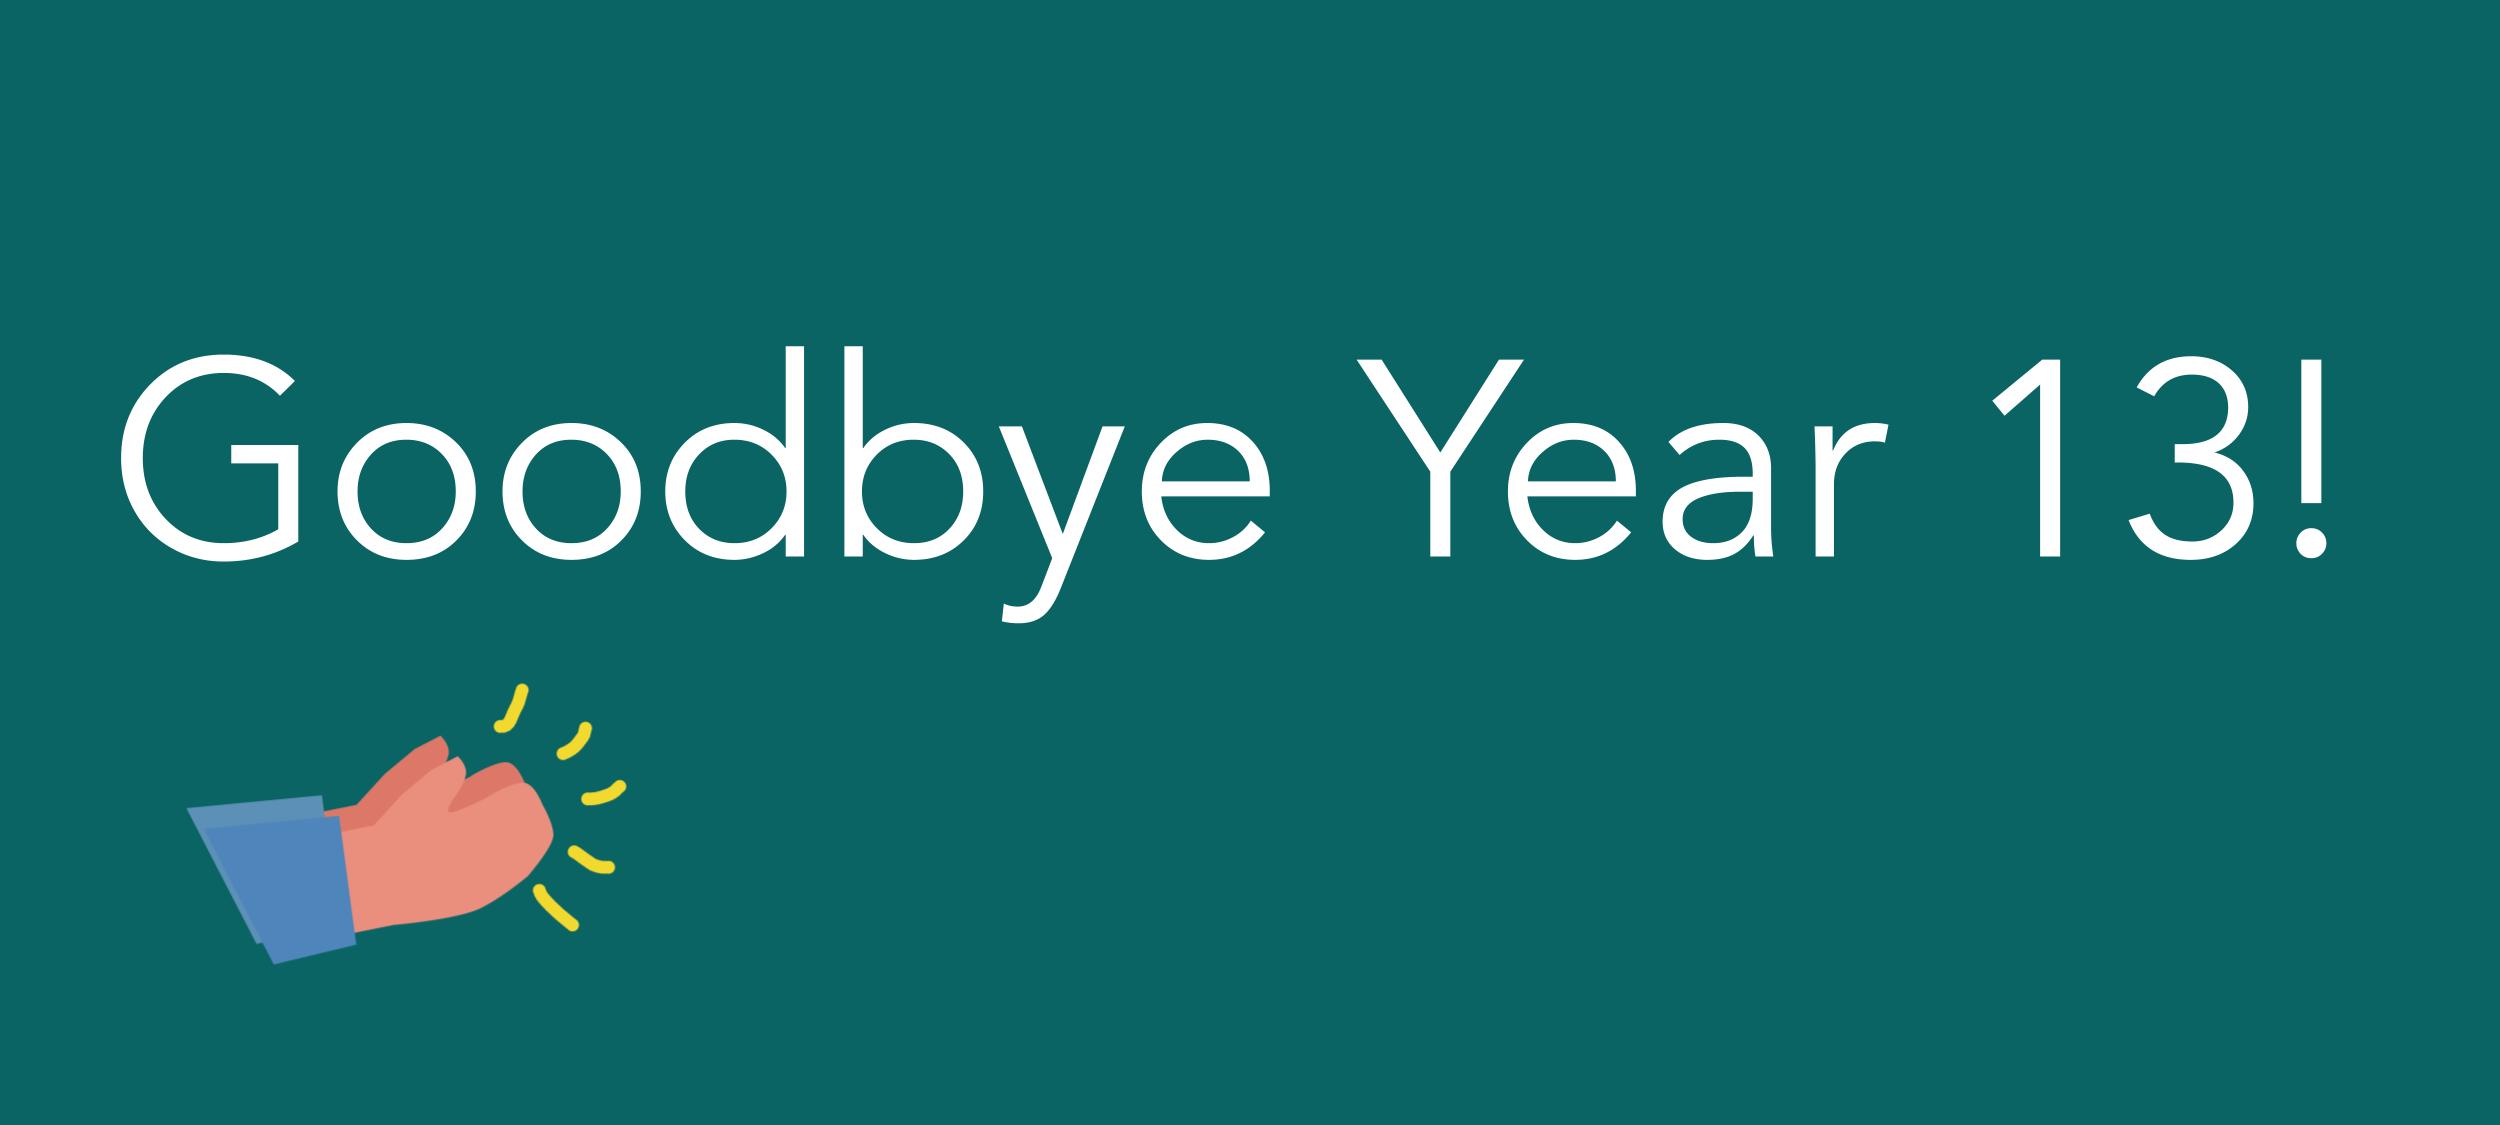 Goodbye Year 13